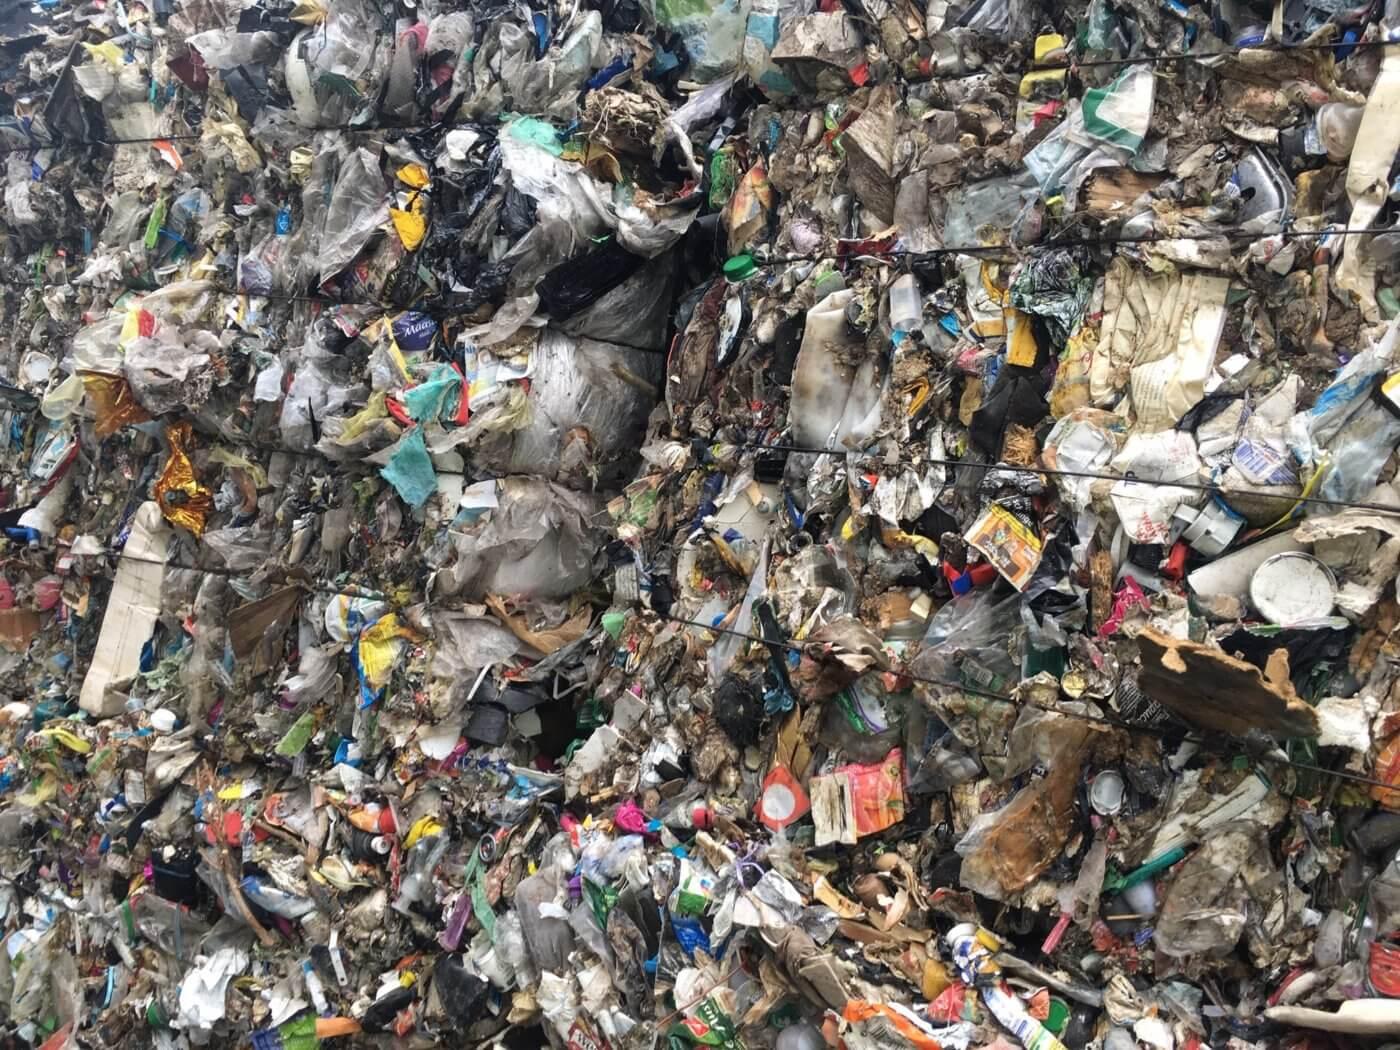 Plastik ist fester Bestandteil unseres Alltags und zugleich eines der großen ökologischen Probleme unserer Zeit. Foto: © Rat für Nachhaltige Entwicklung